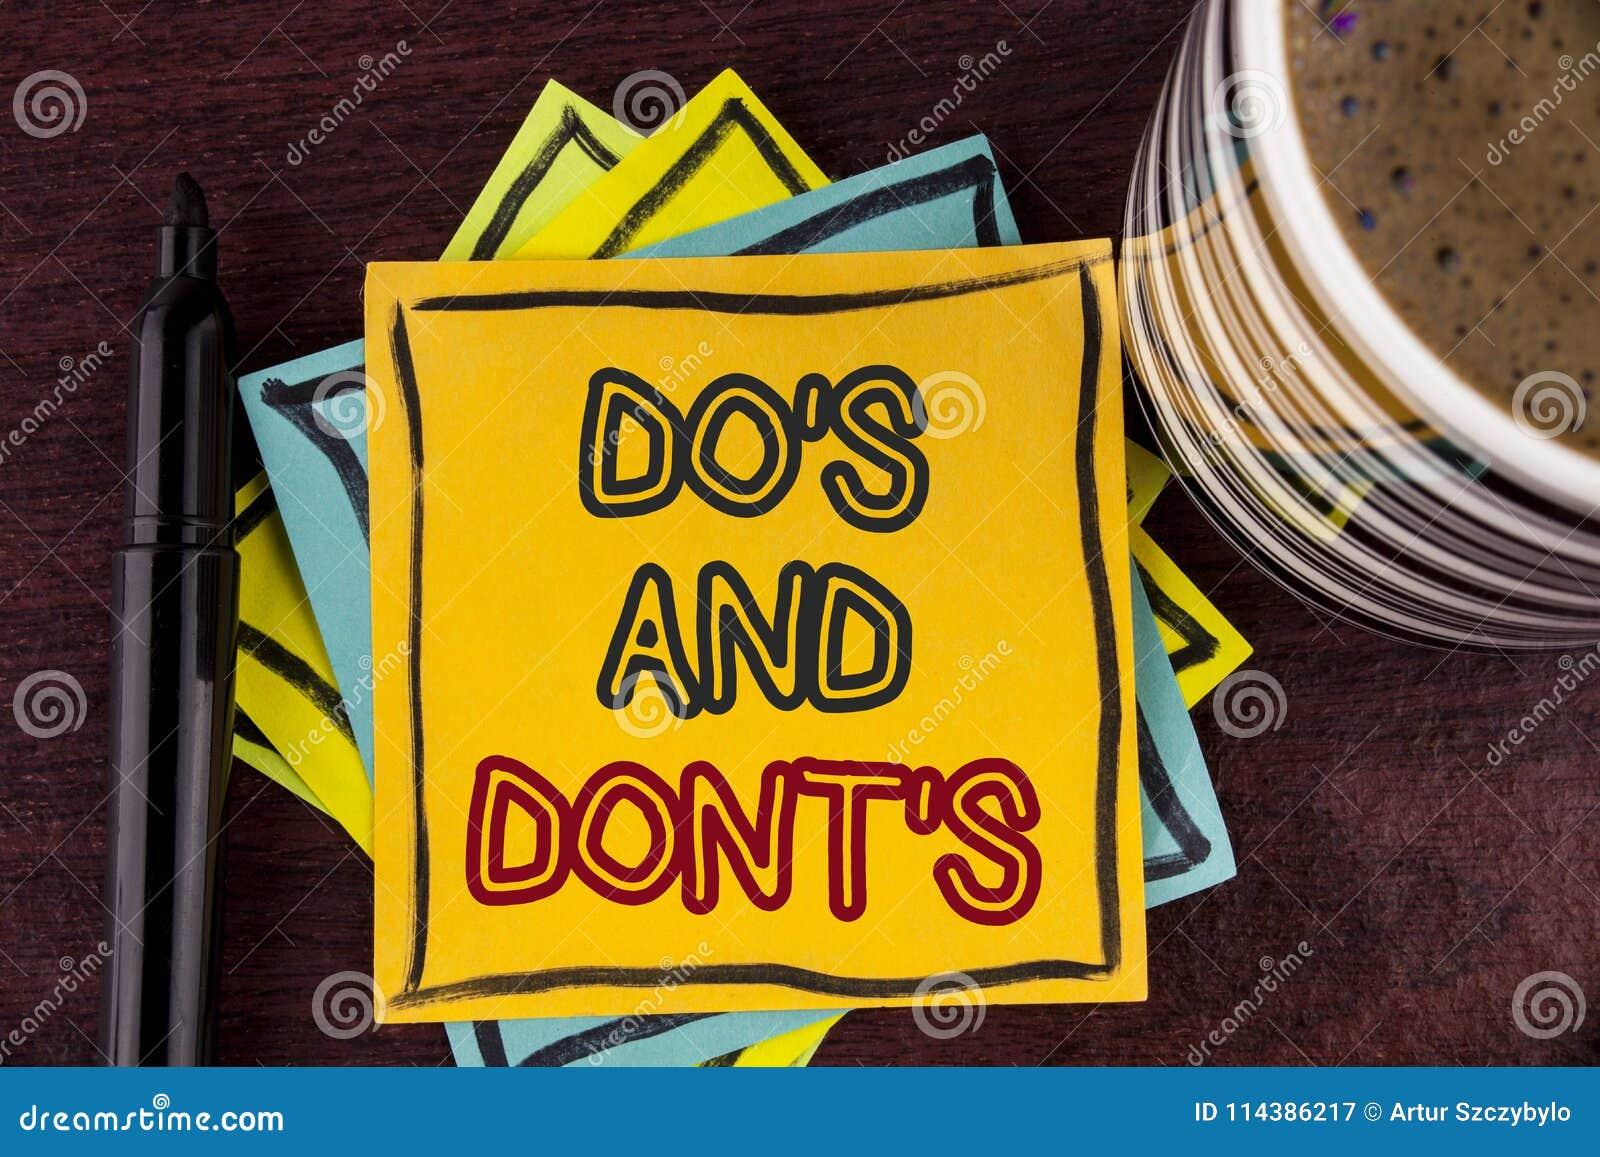 Η παρουσίαση σημειώσεων γραψίματος έκανε και Don Ts Επιχειρησιακή φωτογραφία που επιδεικνύει τι μπορεί να γίνει και τι δεν μπορεί